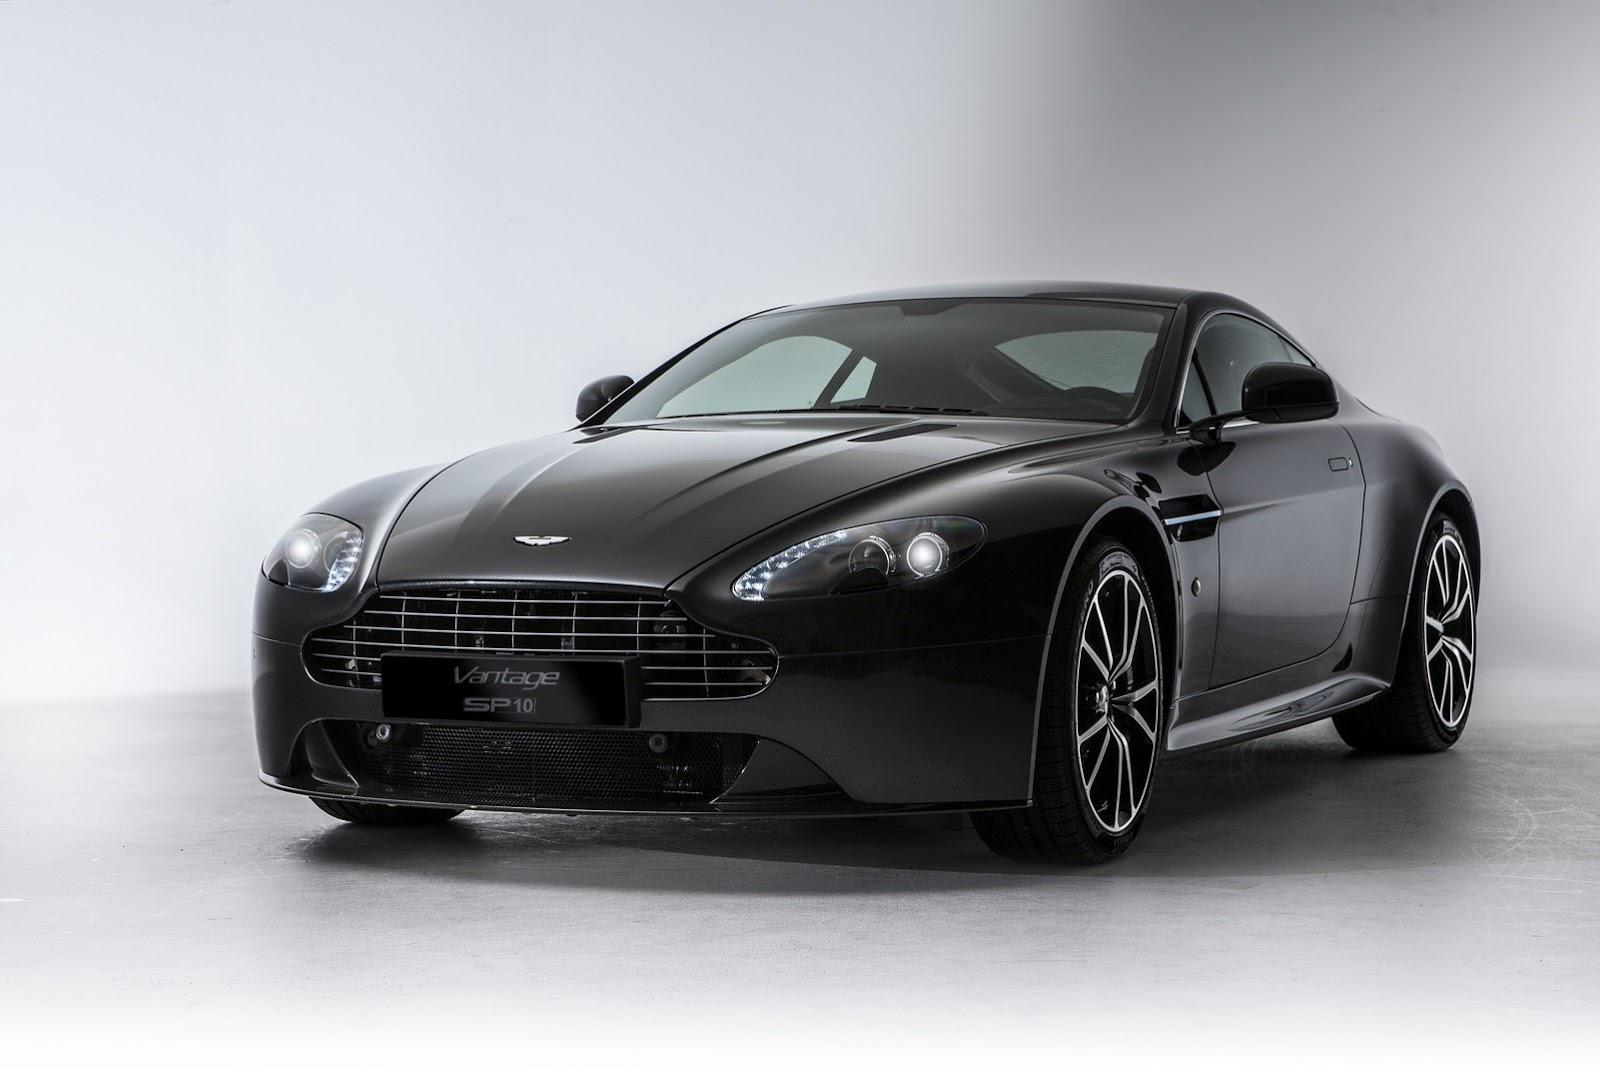 Aston-Martin-SP10